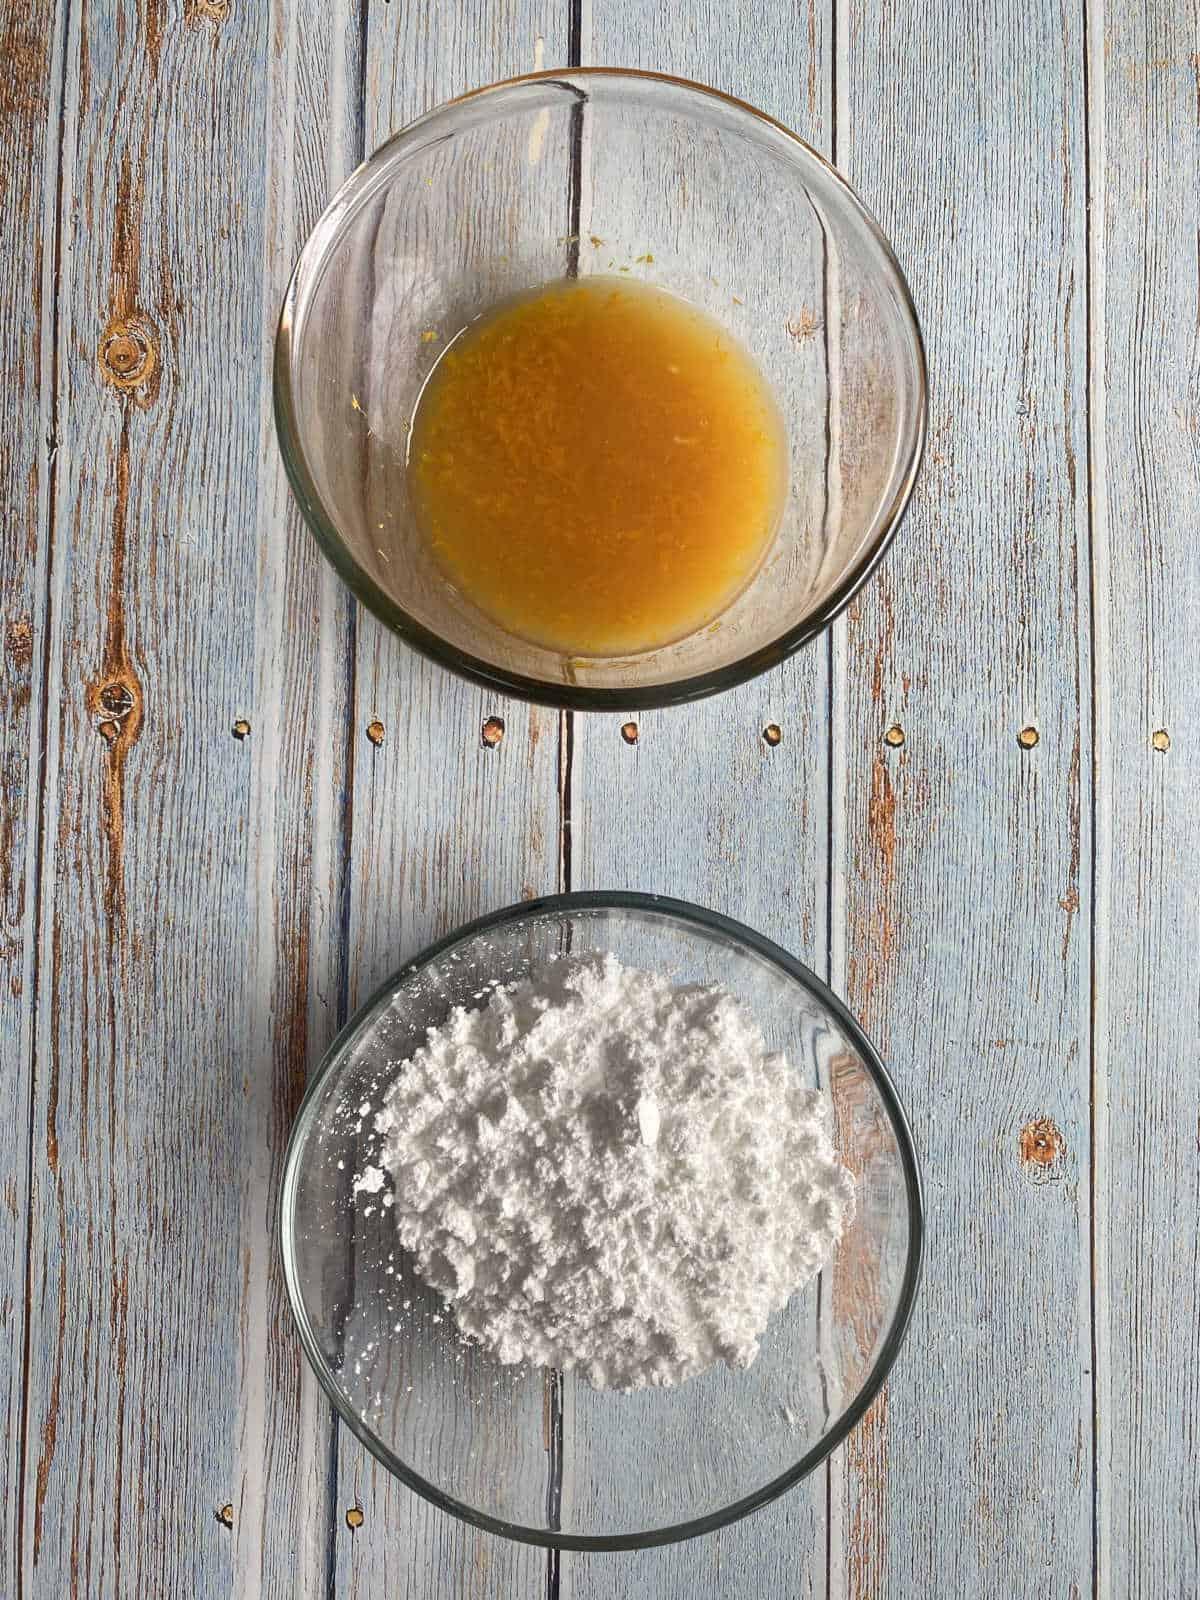 açúcar de confeiteiro e suco de laranja com raspas da casca de laranja, separados em tigelas de vidro